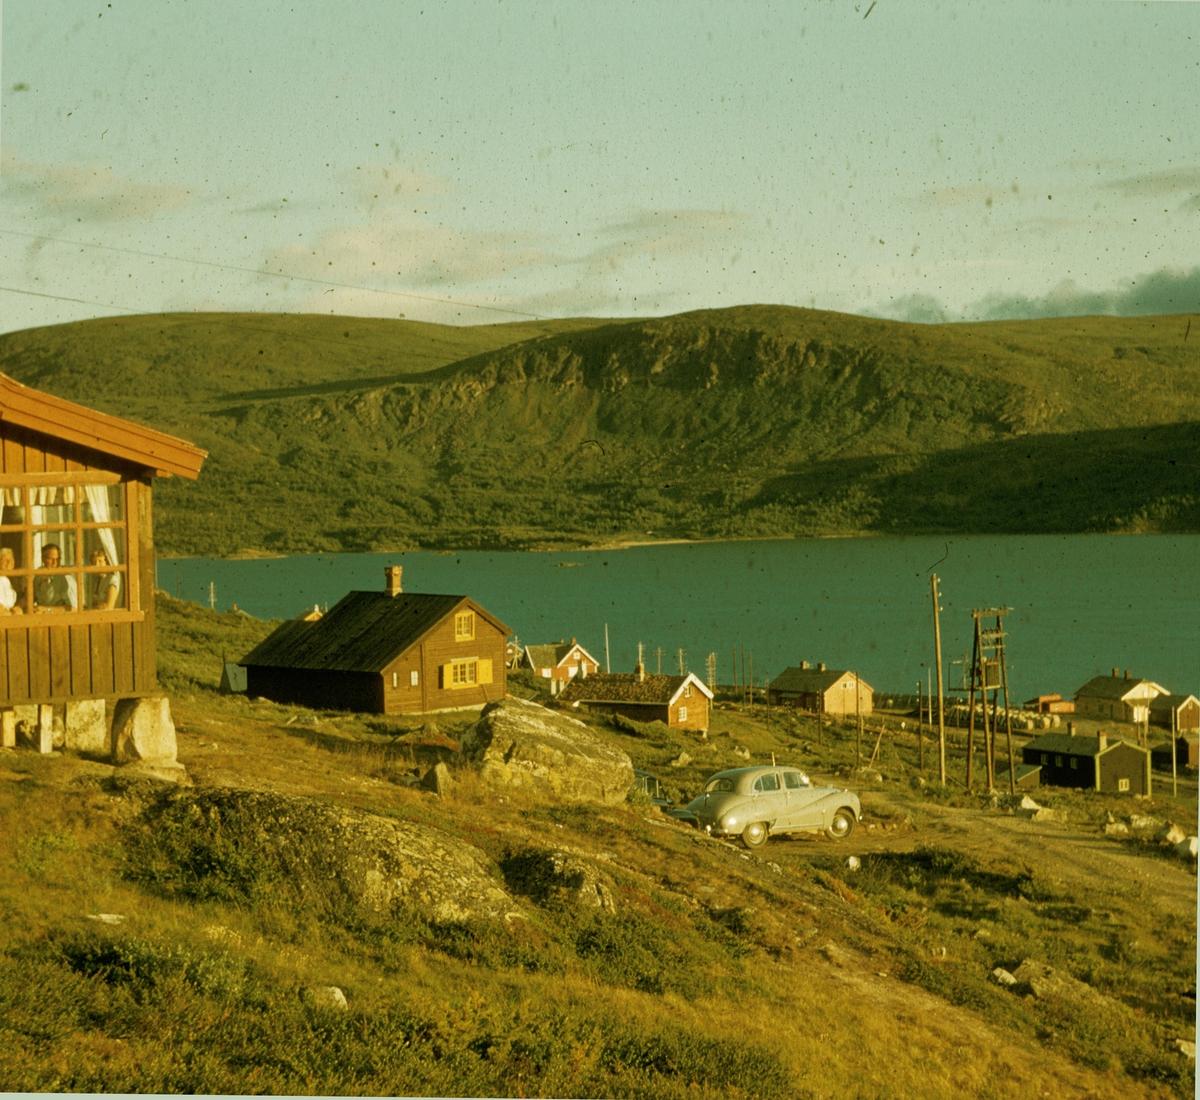 Fjelds hytte på Ustaoset. 1956 Hytta er bygd i 1915 av Skreddermester Chr.Pedersen.